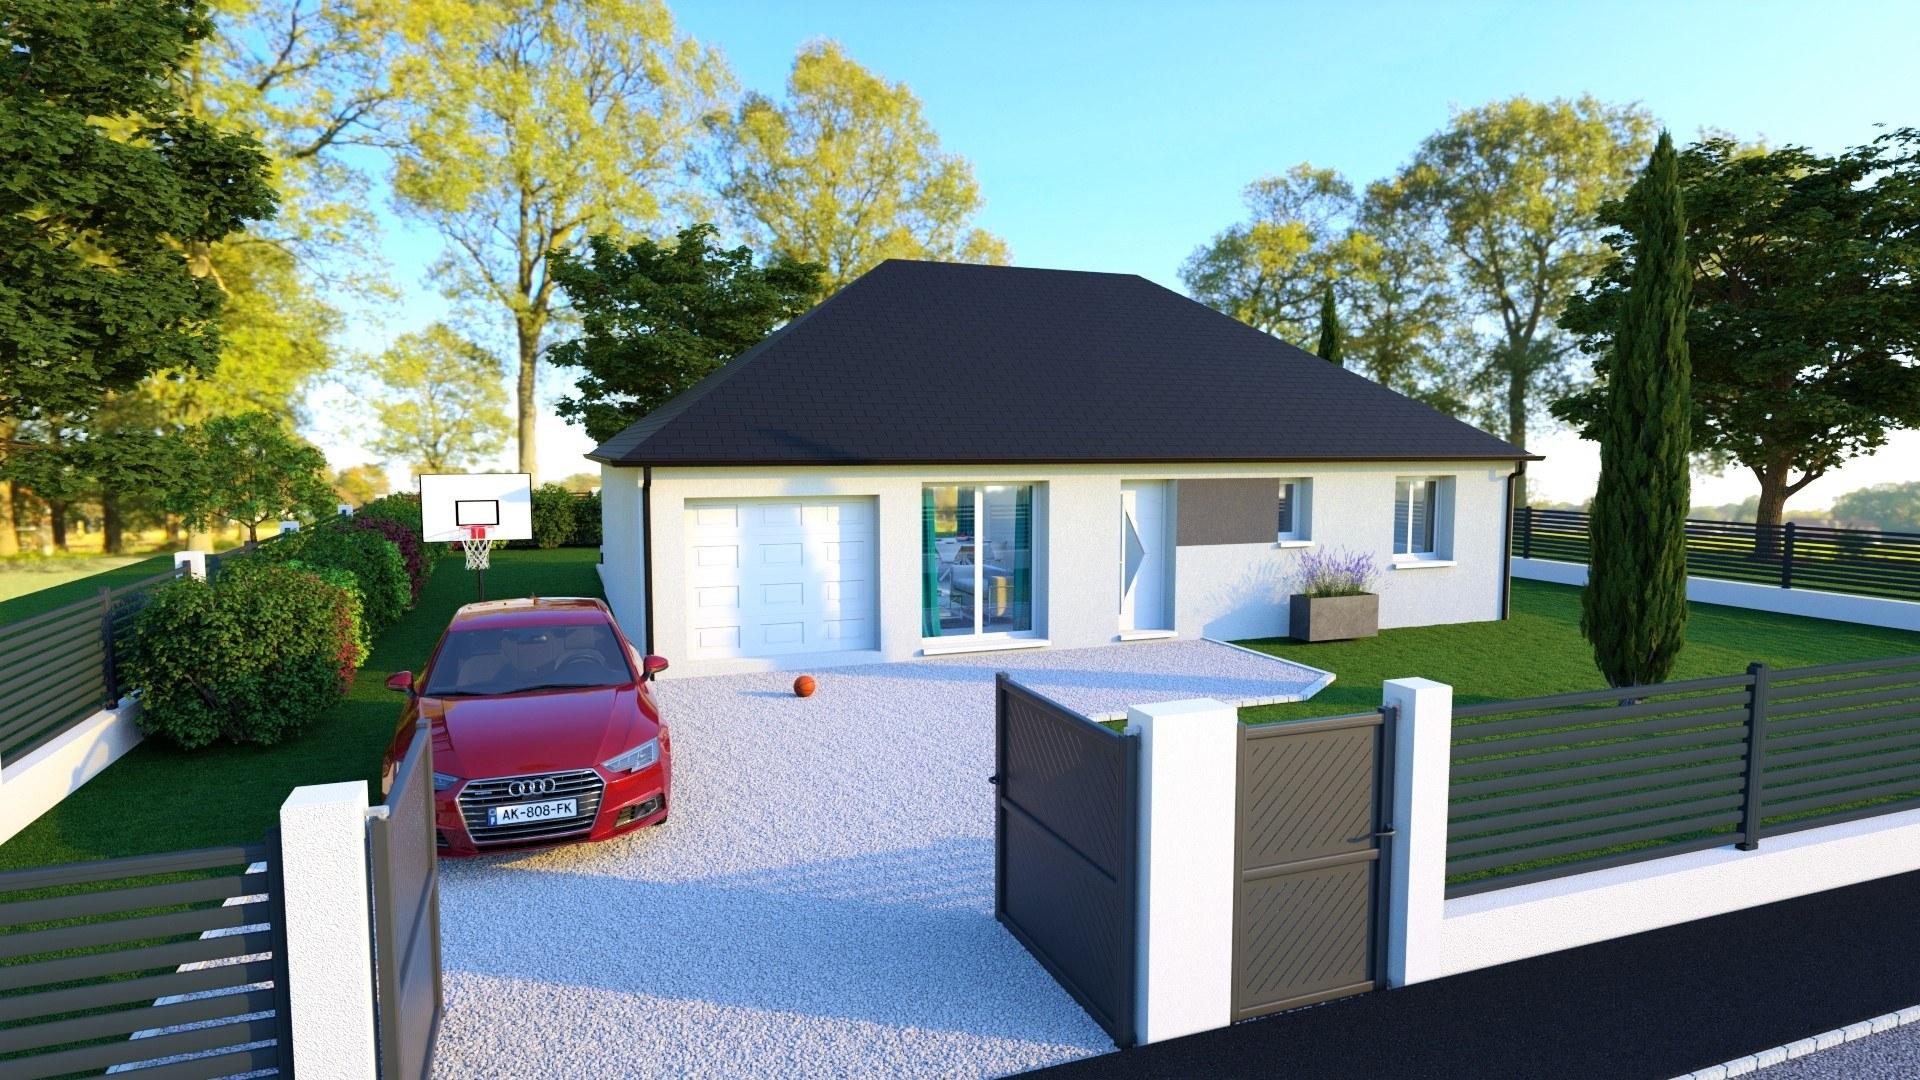 Maisons + Terrains du constructeur MAISON D'EN FRANCE HAUTE NORMANDIE • 81 m² • TOUFFREVILLE LA CABLE